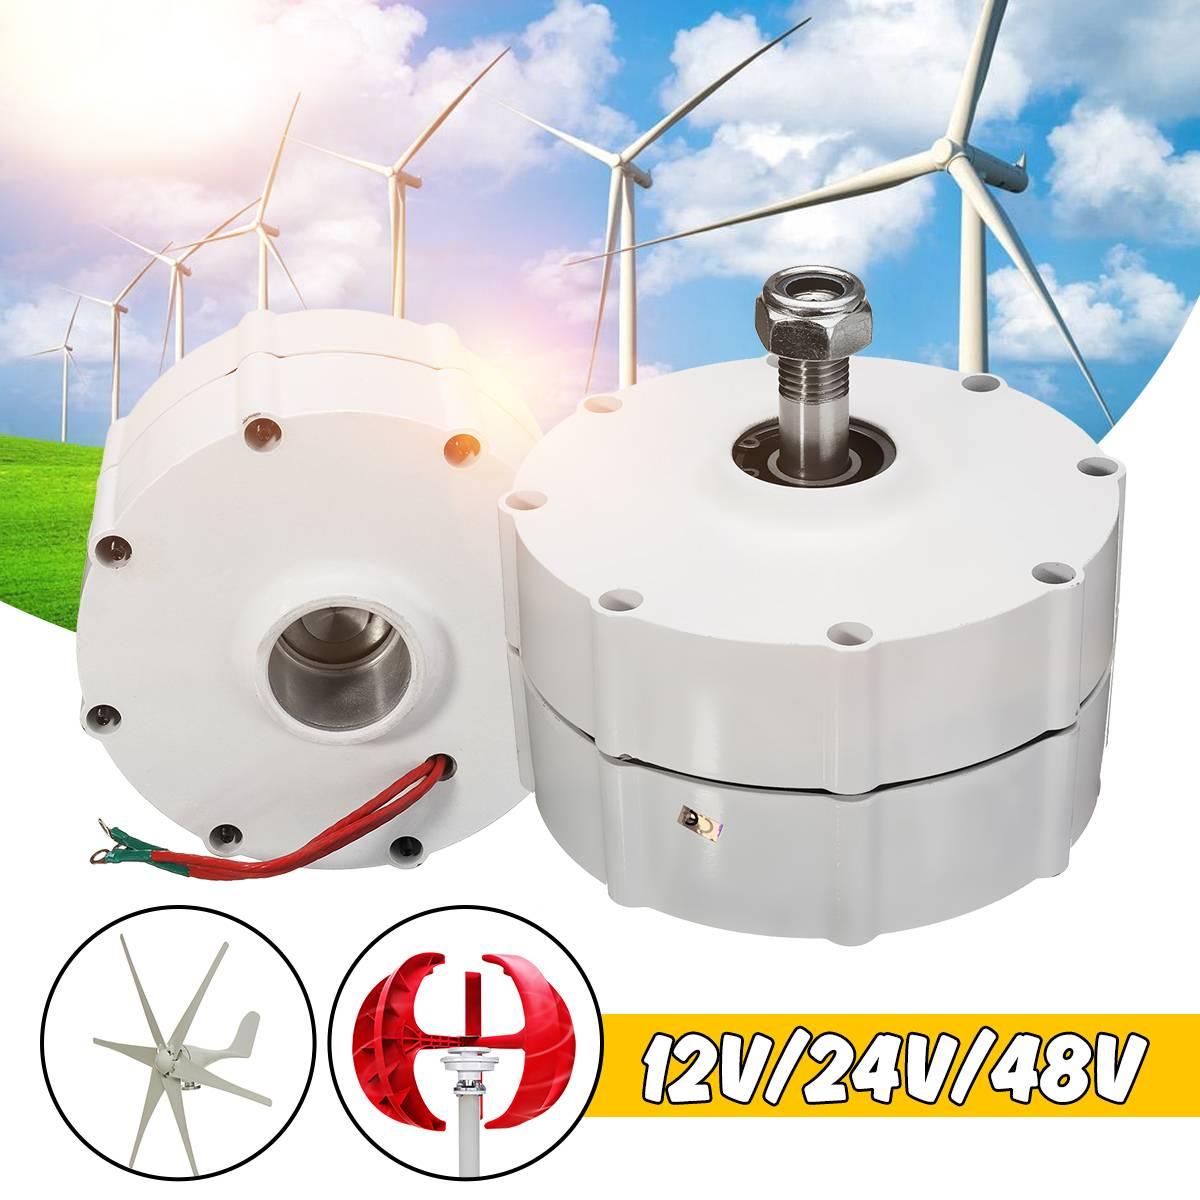 800W 12V/24V/48V Permanent Magnet Generator Motor 3 Phase Current PMSG Wind Generator Motor For Wind Turbine Blade Controller